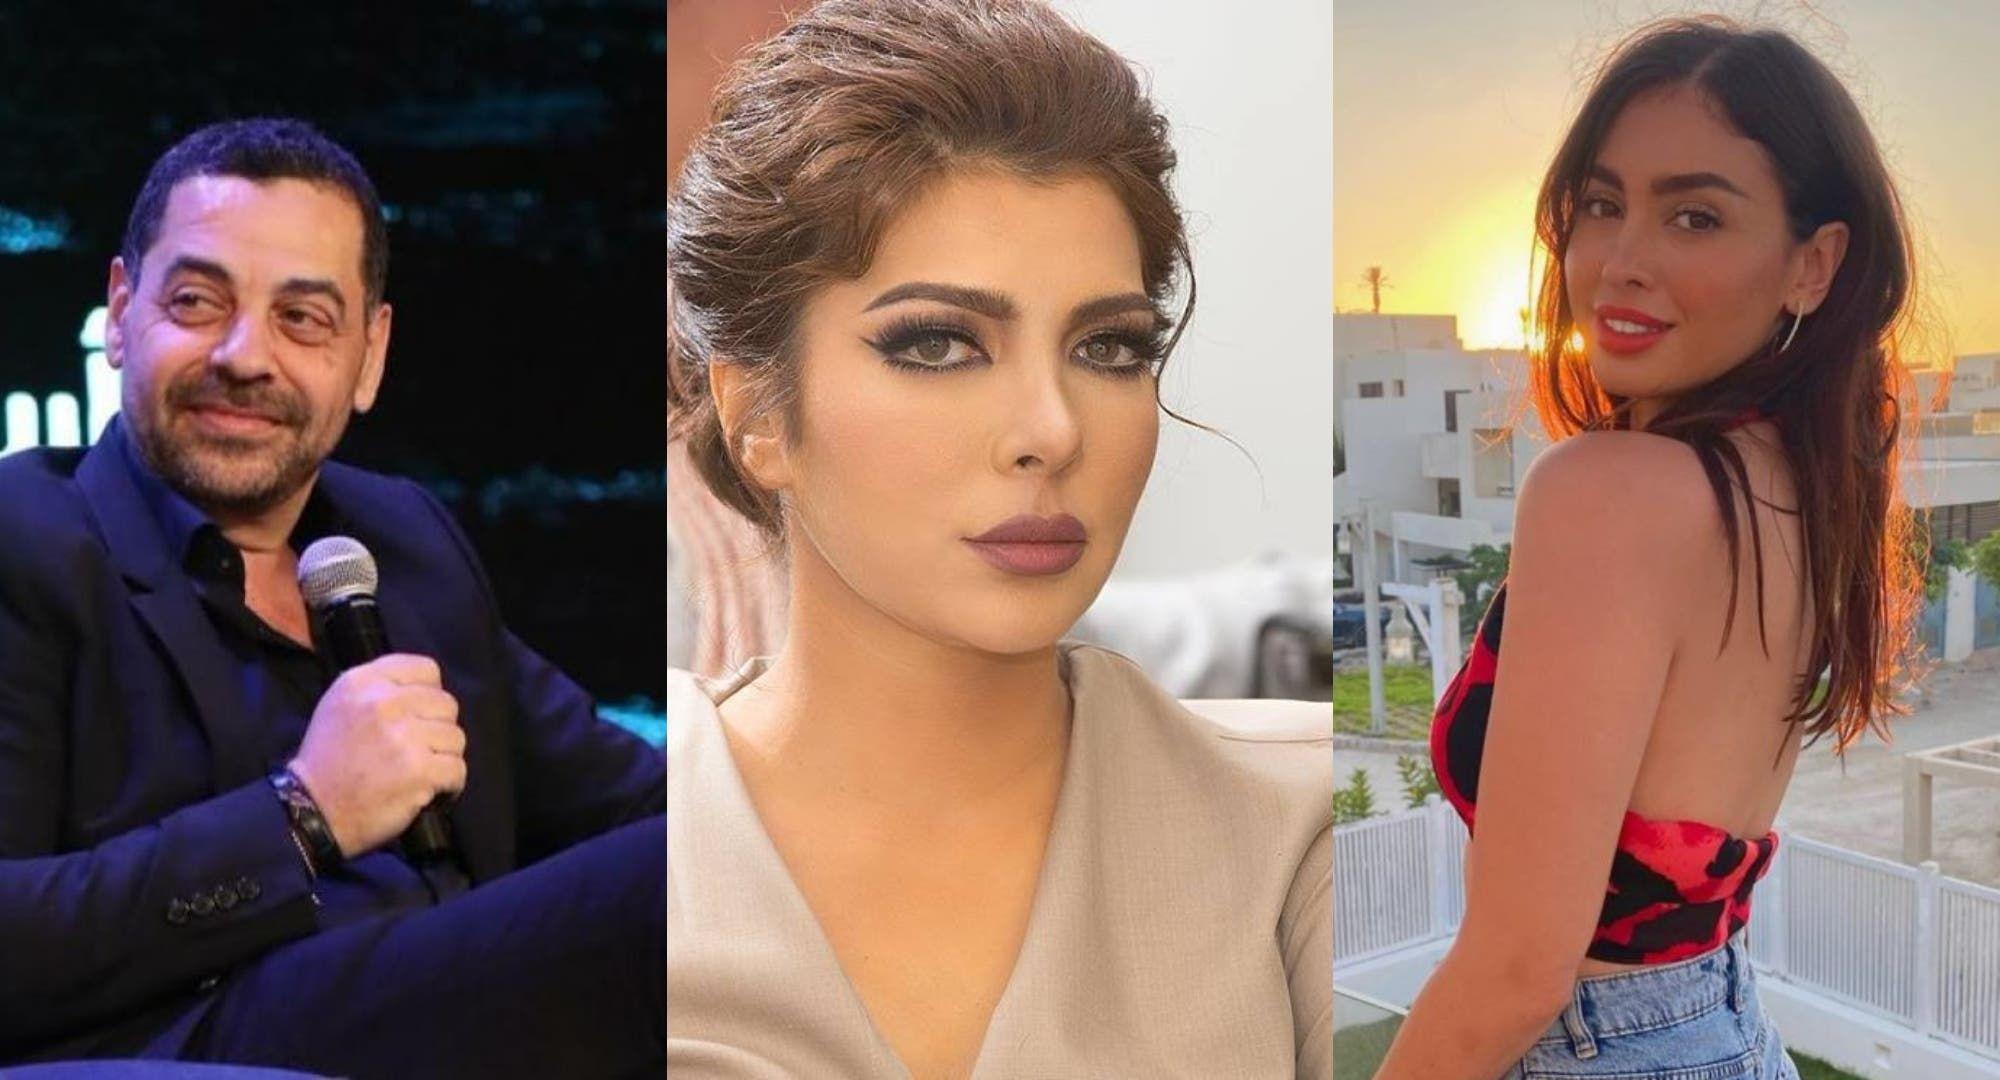 فيديو يكشف عن تواجد طارق العريان وحبيبته في إيطاليا قبل يومين من إعلان أصالة عن انفصالهما In 2021 Hoop Earrings Fashion